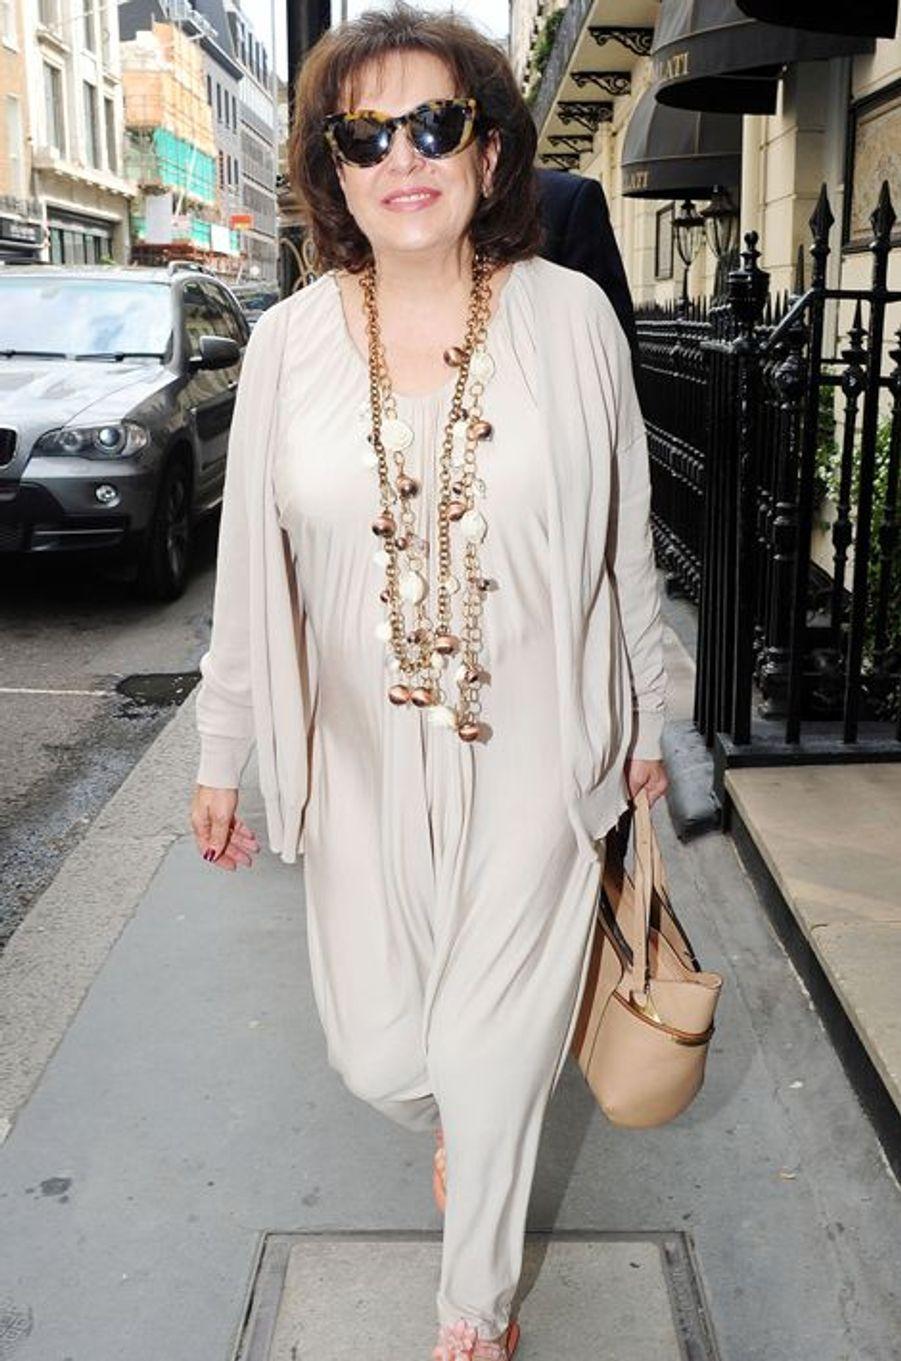 La mère d'Amal Alamuddin, la fiancée de George Clooney, dans les rues de Londres, le 4 septembre 2014.